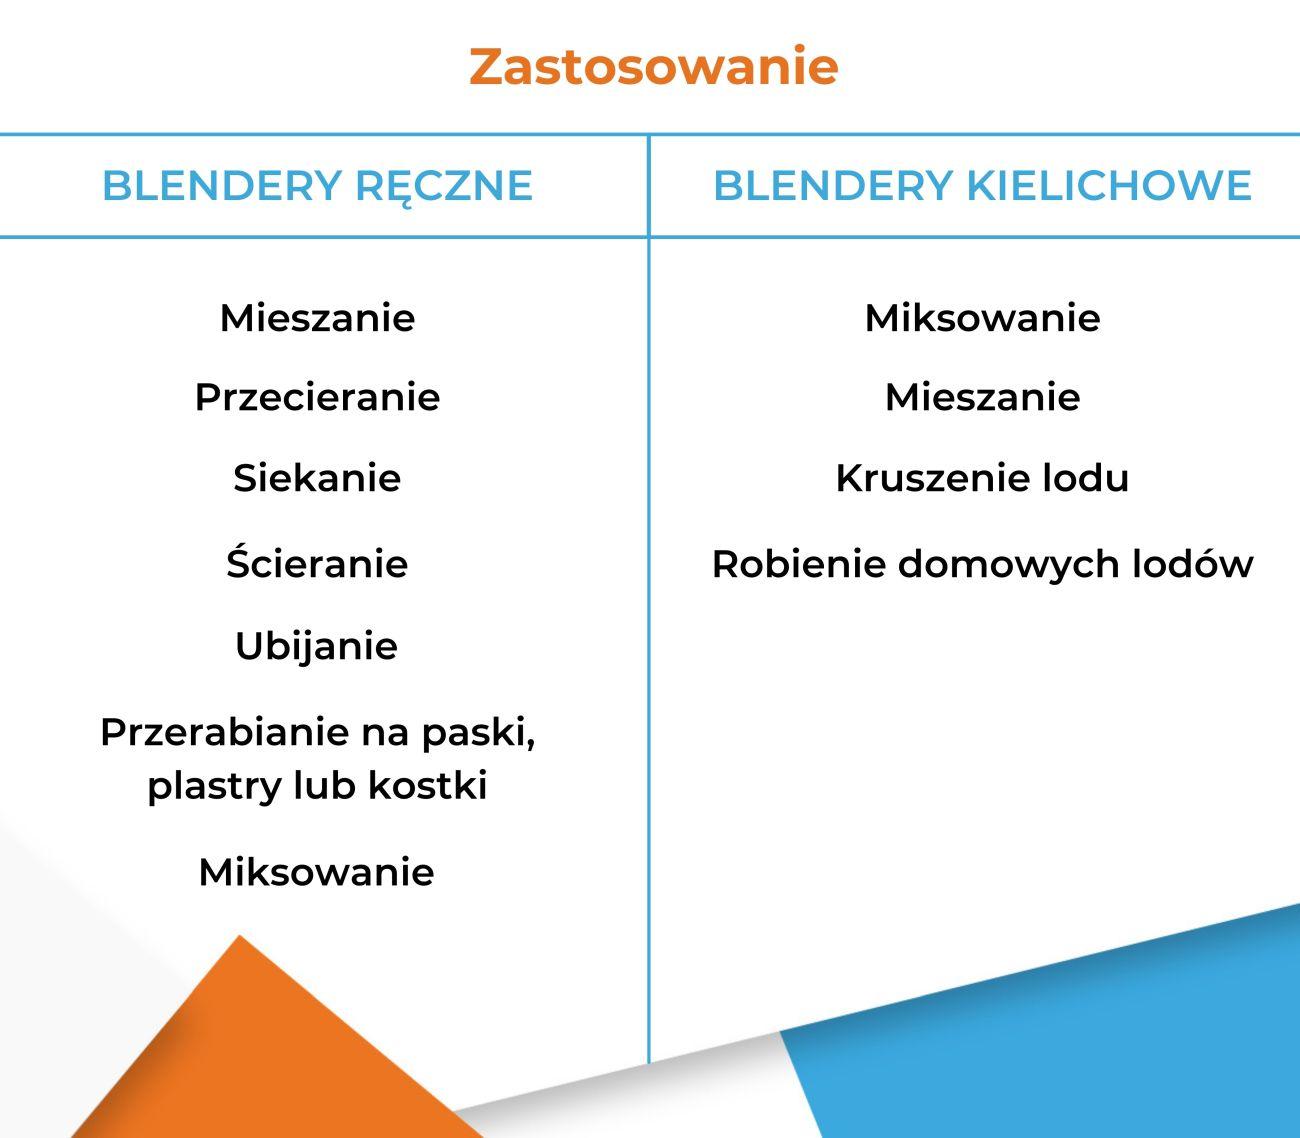 Różne zastosowania blenderów ręcznych i kielichowych - Infografika